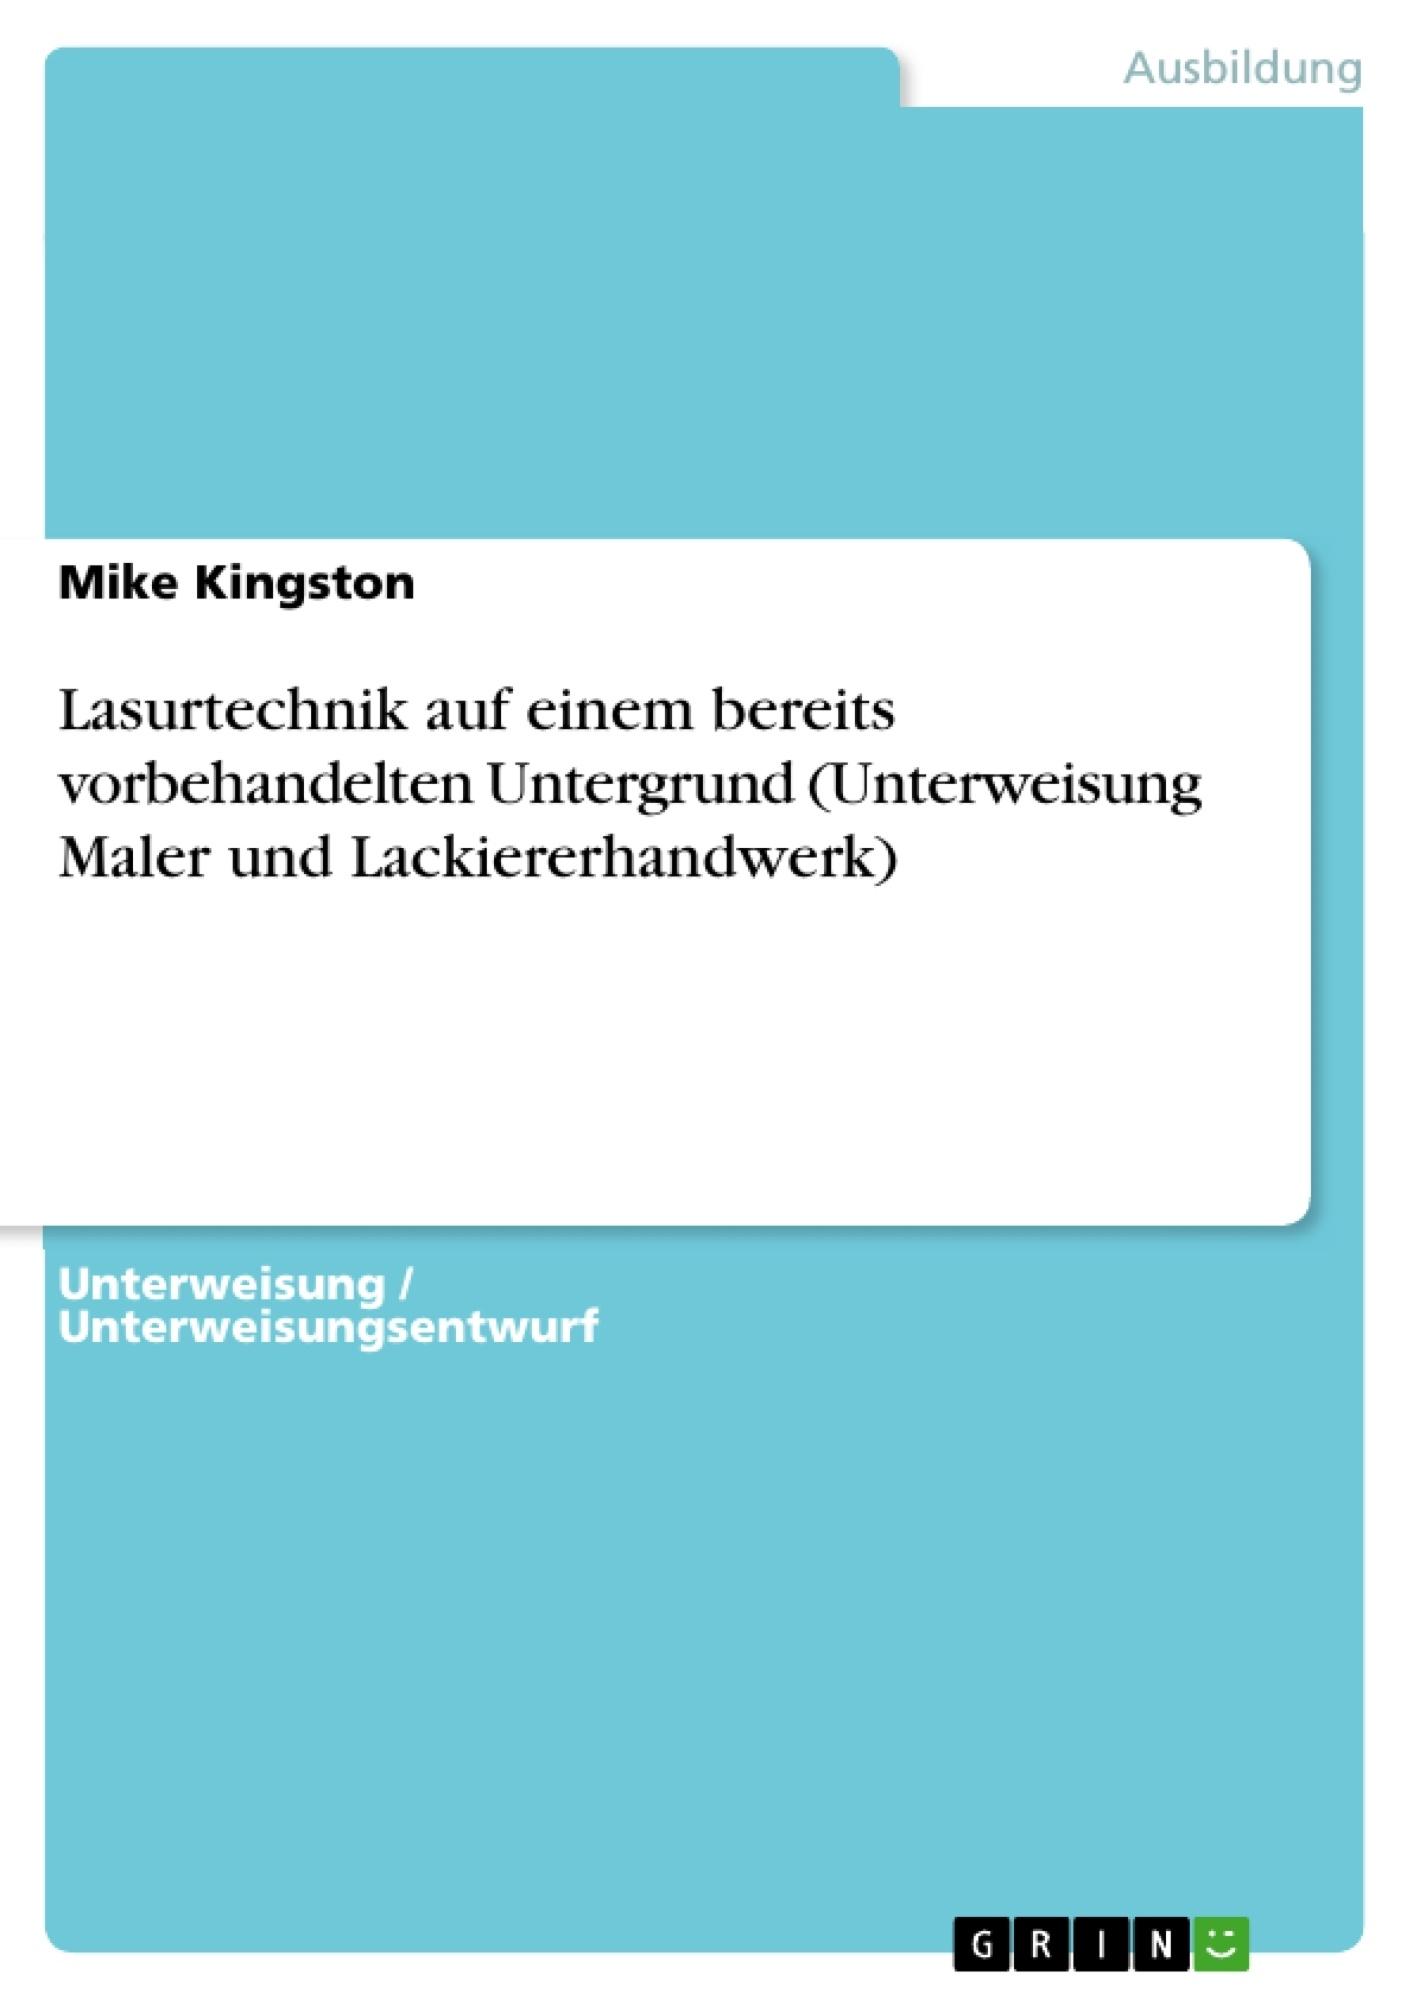 Titel: Lasurtechnik auf einem bereits vorbehandelten Untergrund (Unterweisung Maler und Lackiererhandwerk)